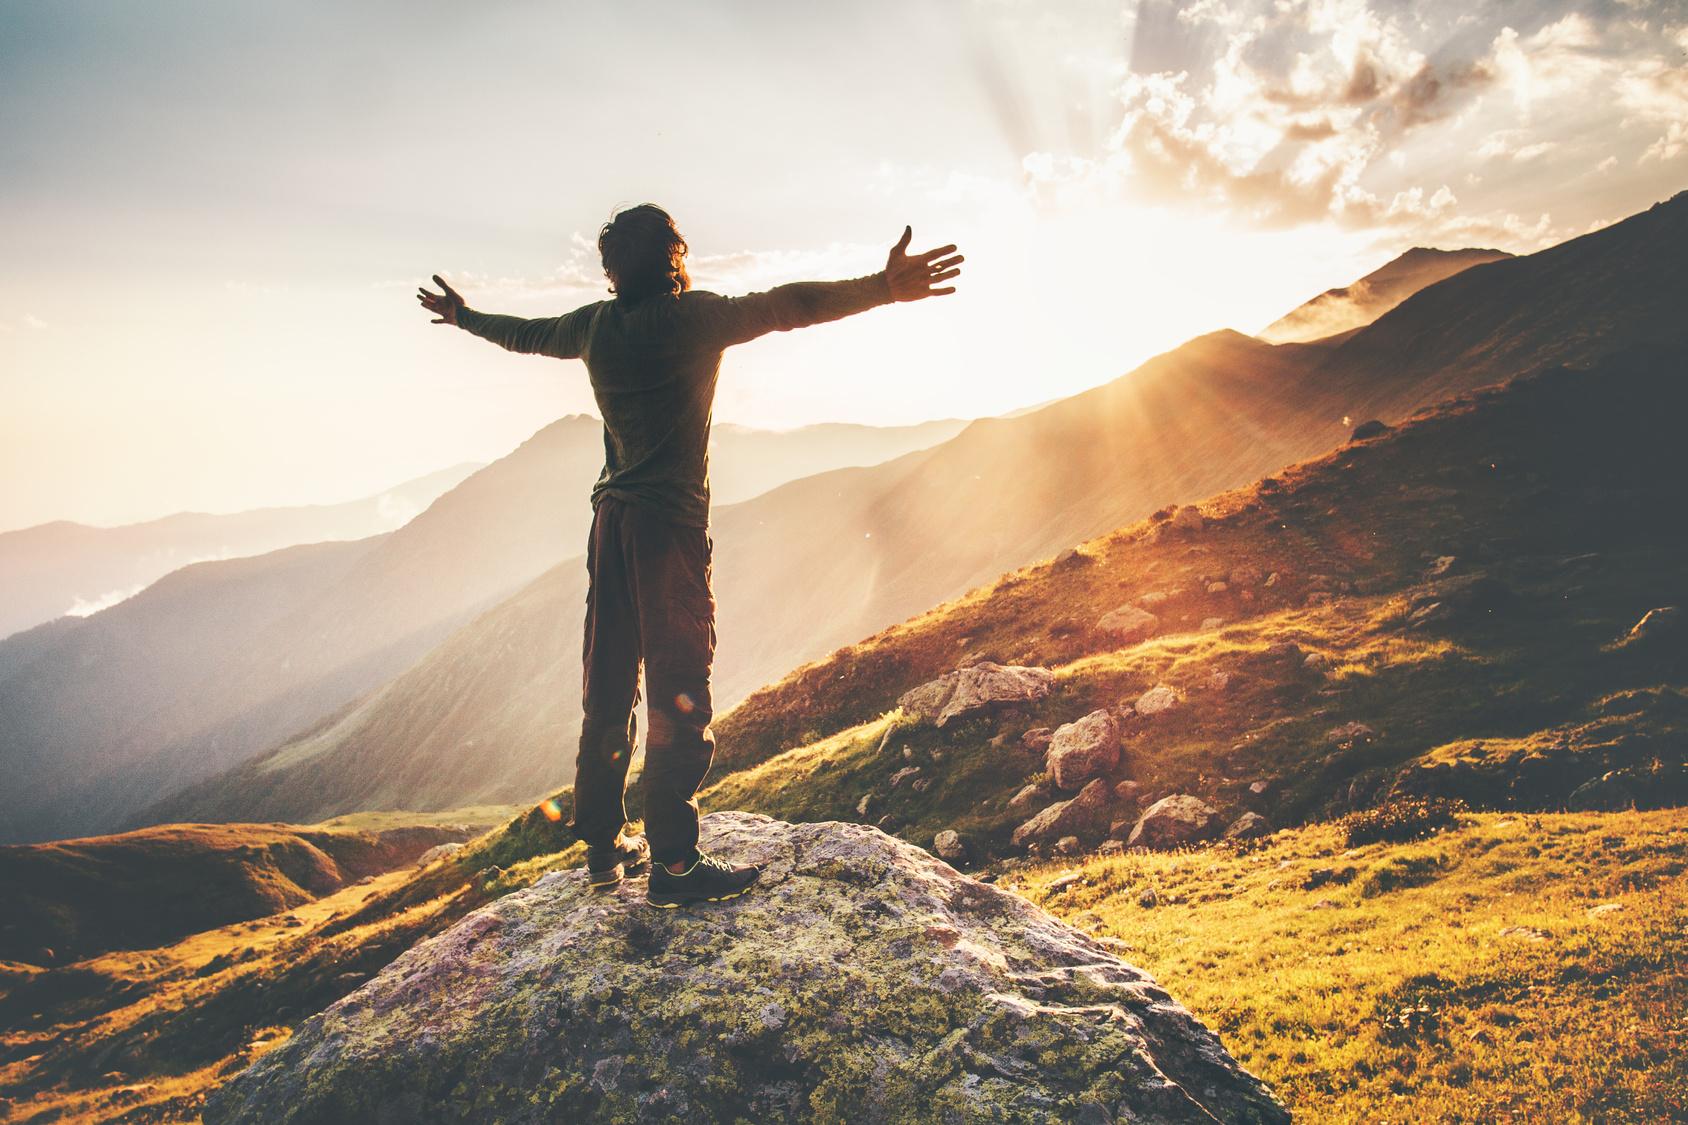 красивые фото людей в горах важных данных телефоне